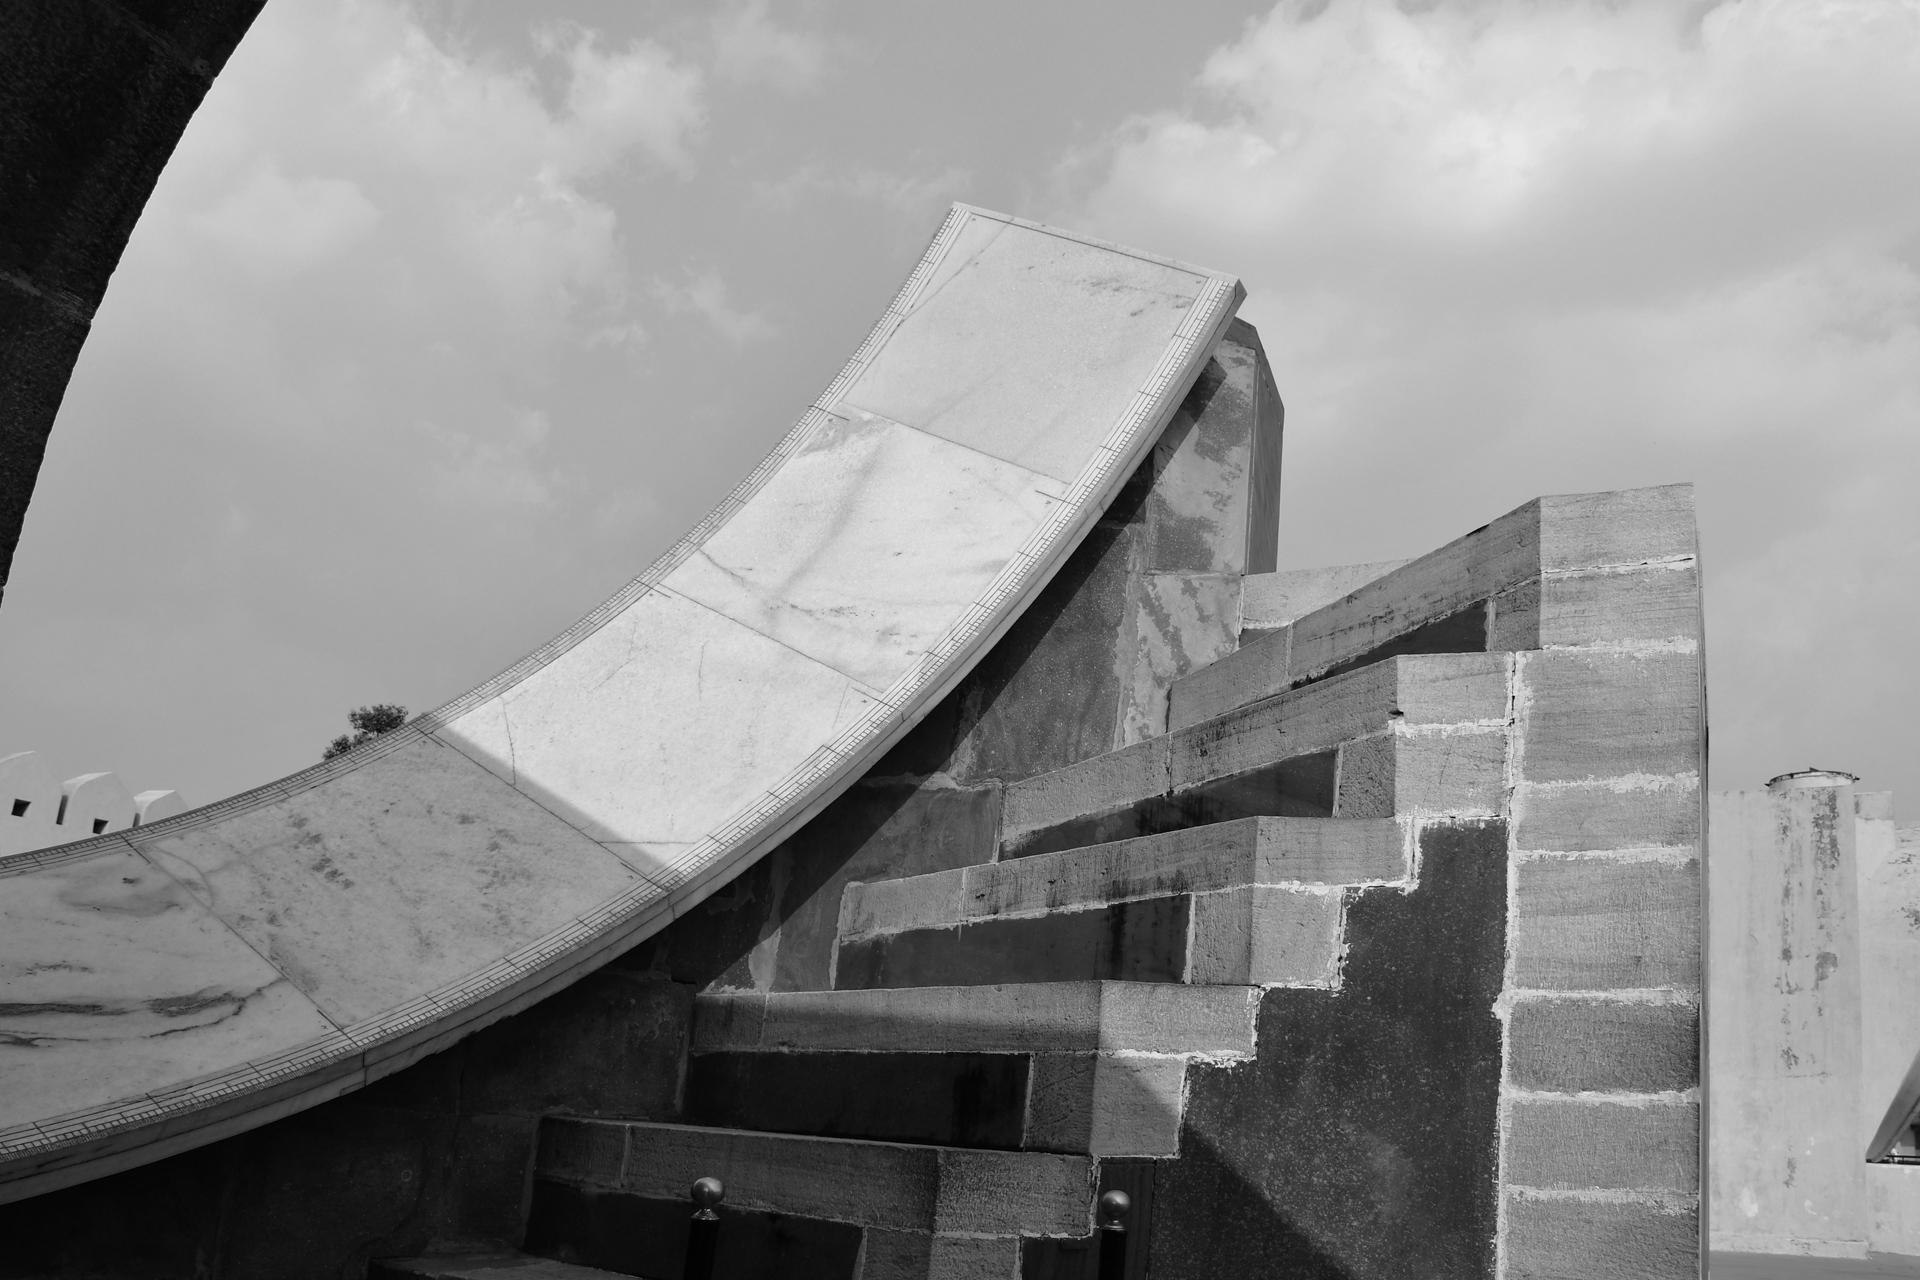 מזלות וכוכבים -Jantar Mantar- ג'אנטאר מאנטאר הודו - יואל שתרוג - אדמה יוצרת - yoel sitruk